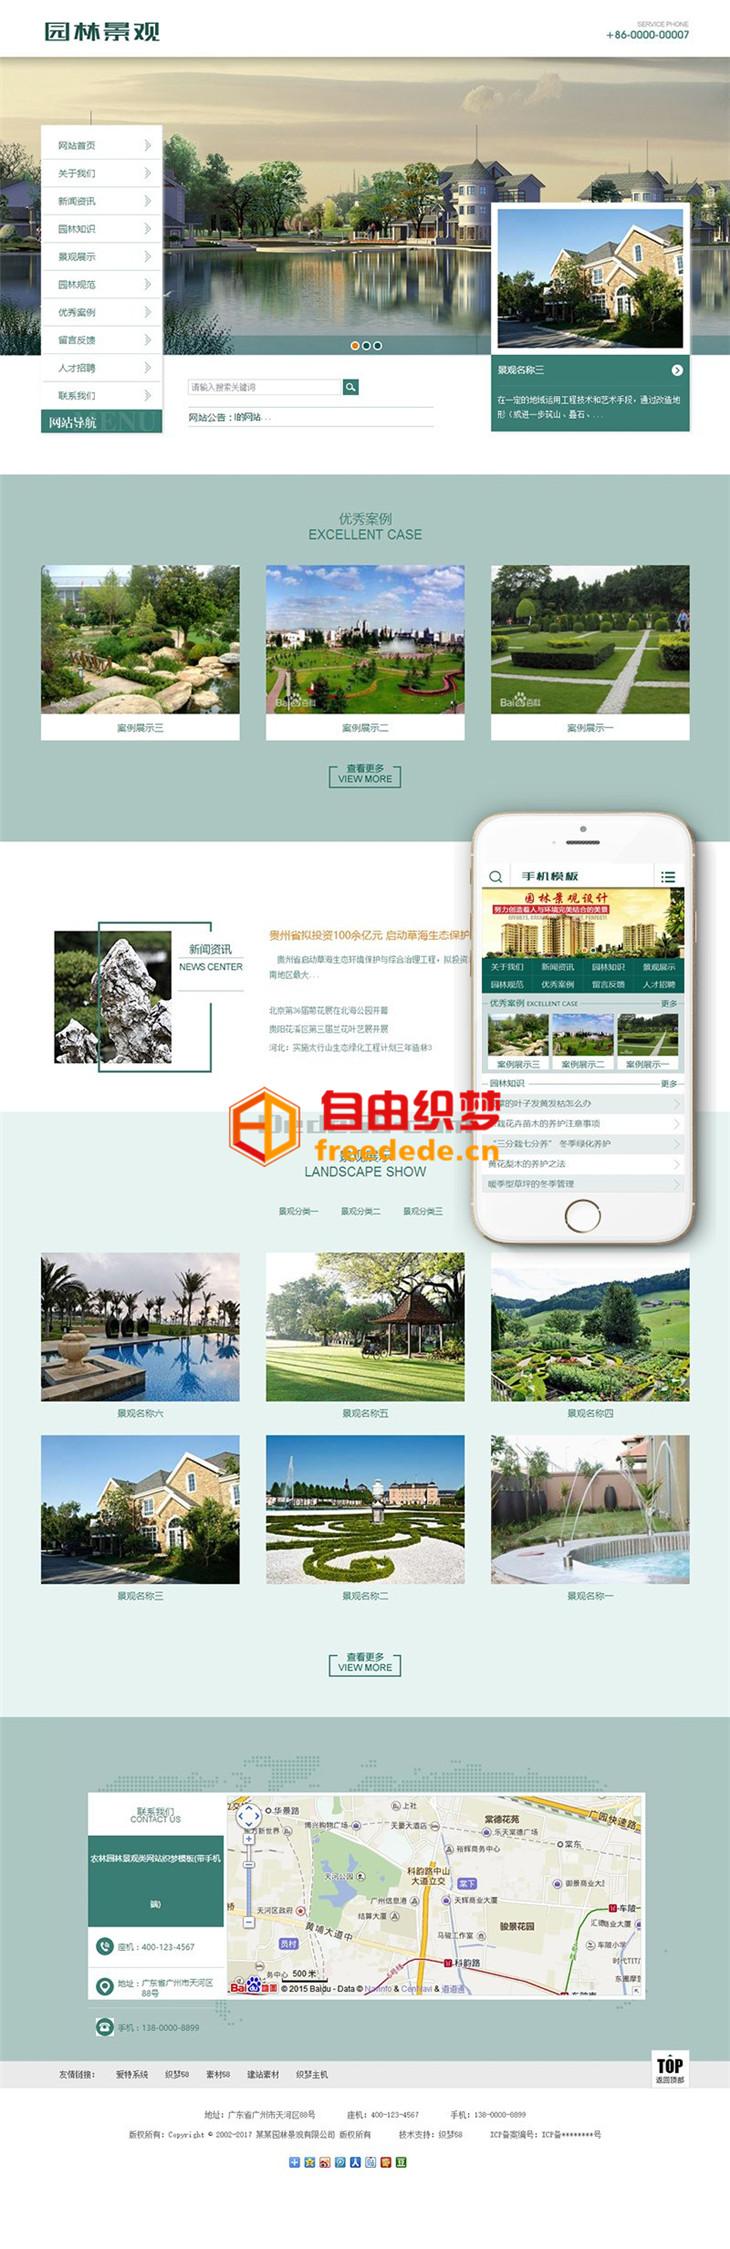 爱上源码网文章营销型农林园林景观类网站织梦模板(带手机端) 整站源码下载的内容插图